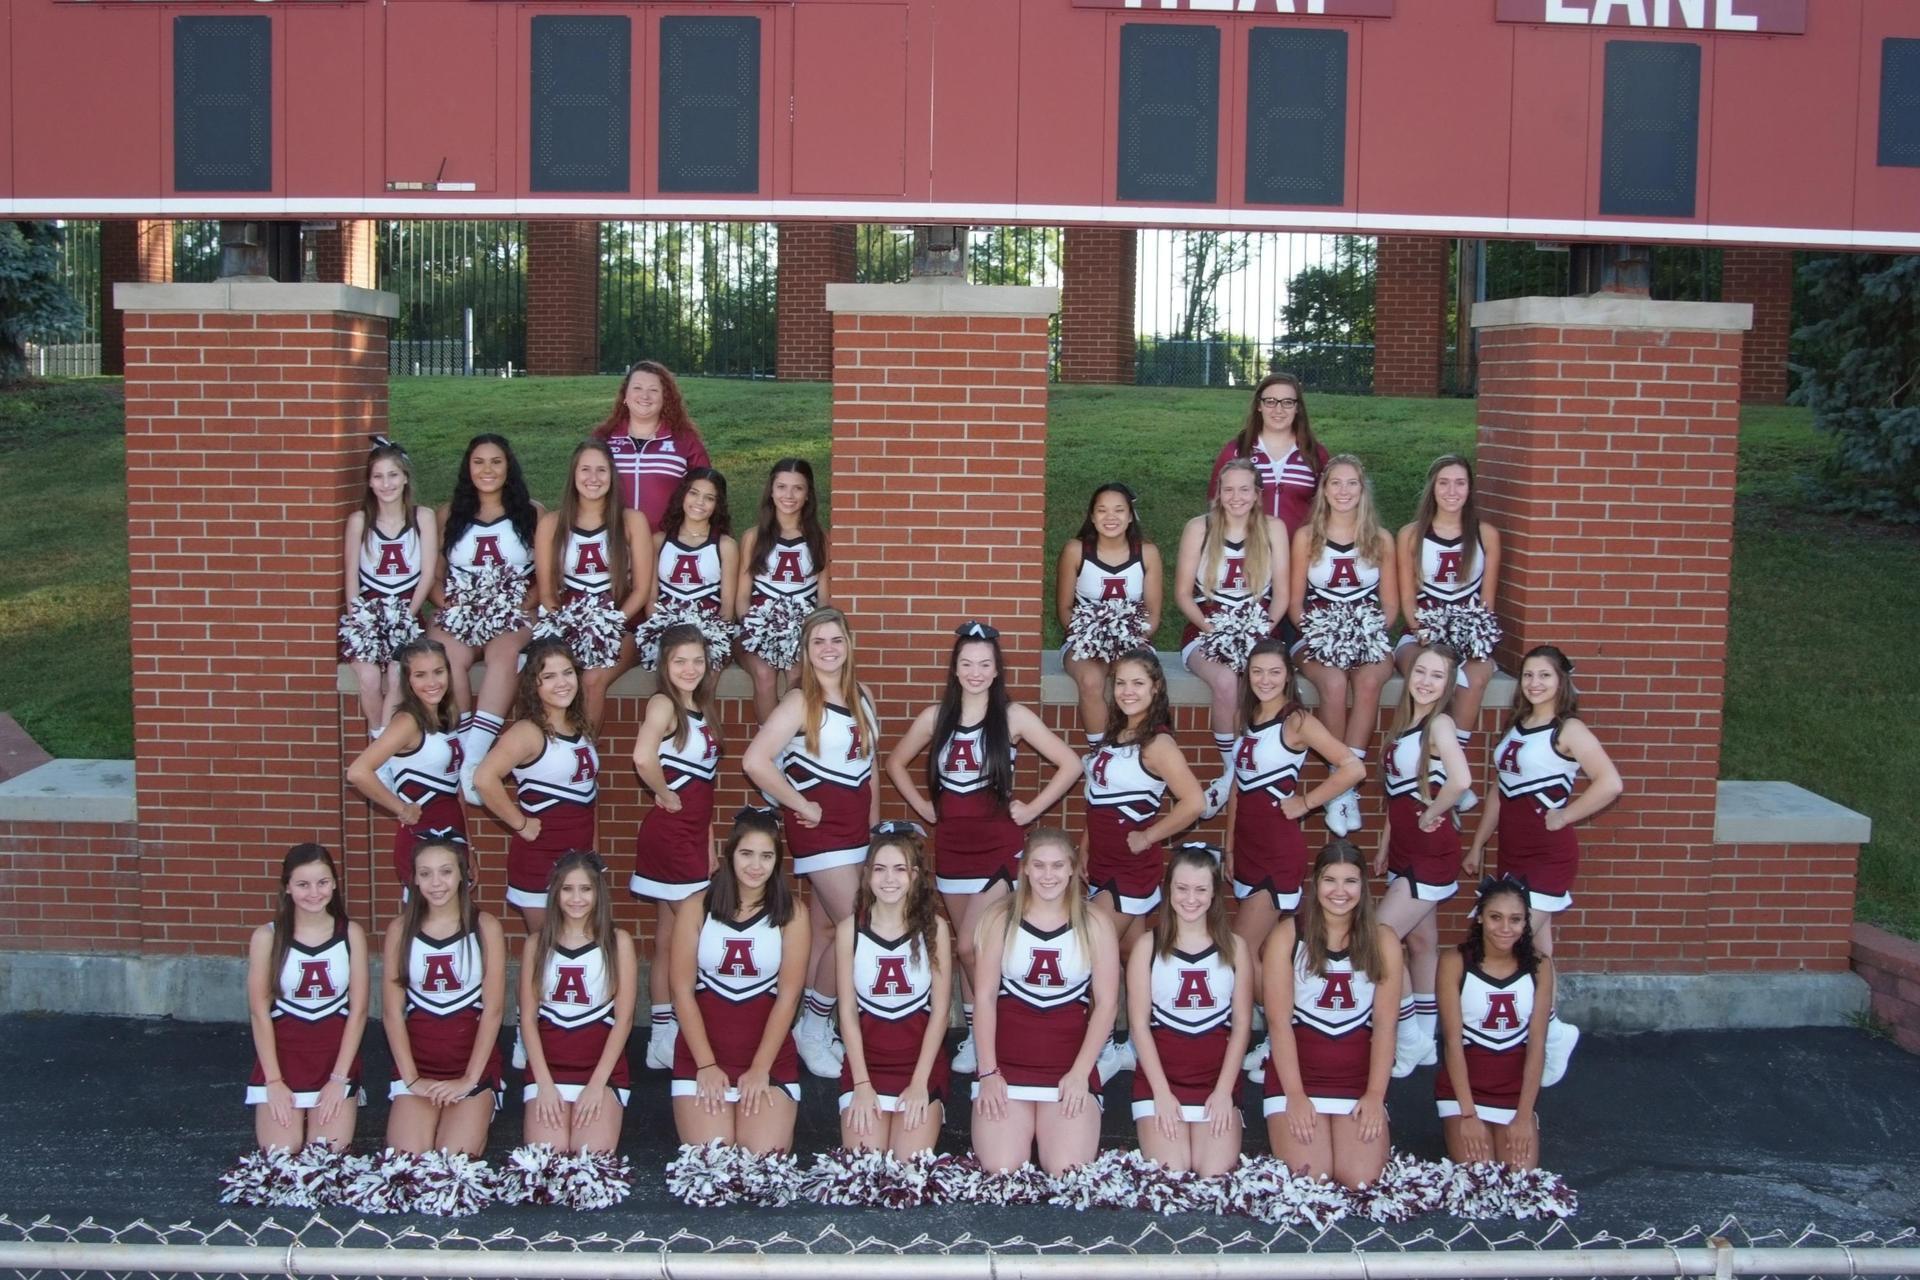 2019 AAHS Cheerleaders